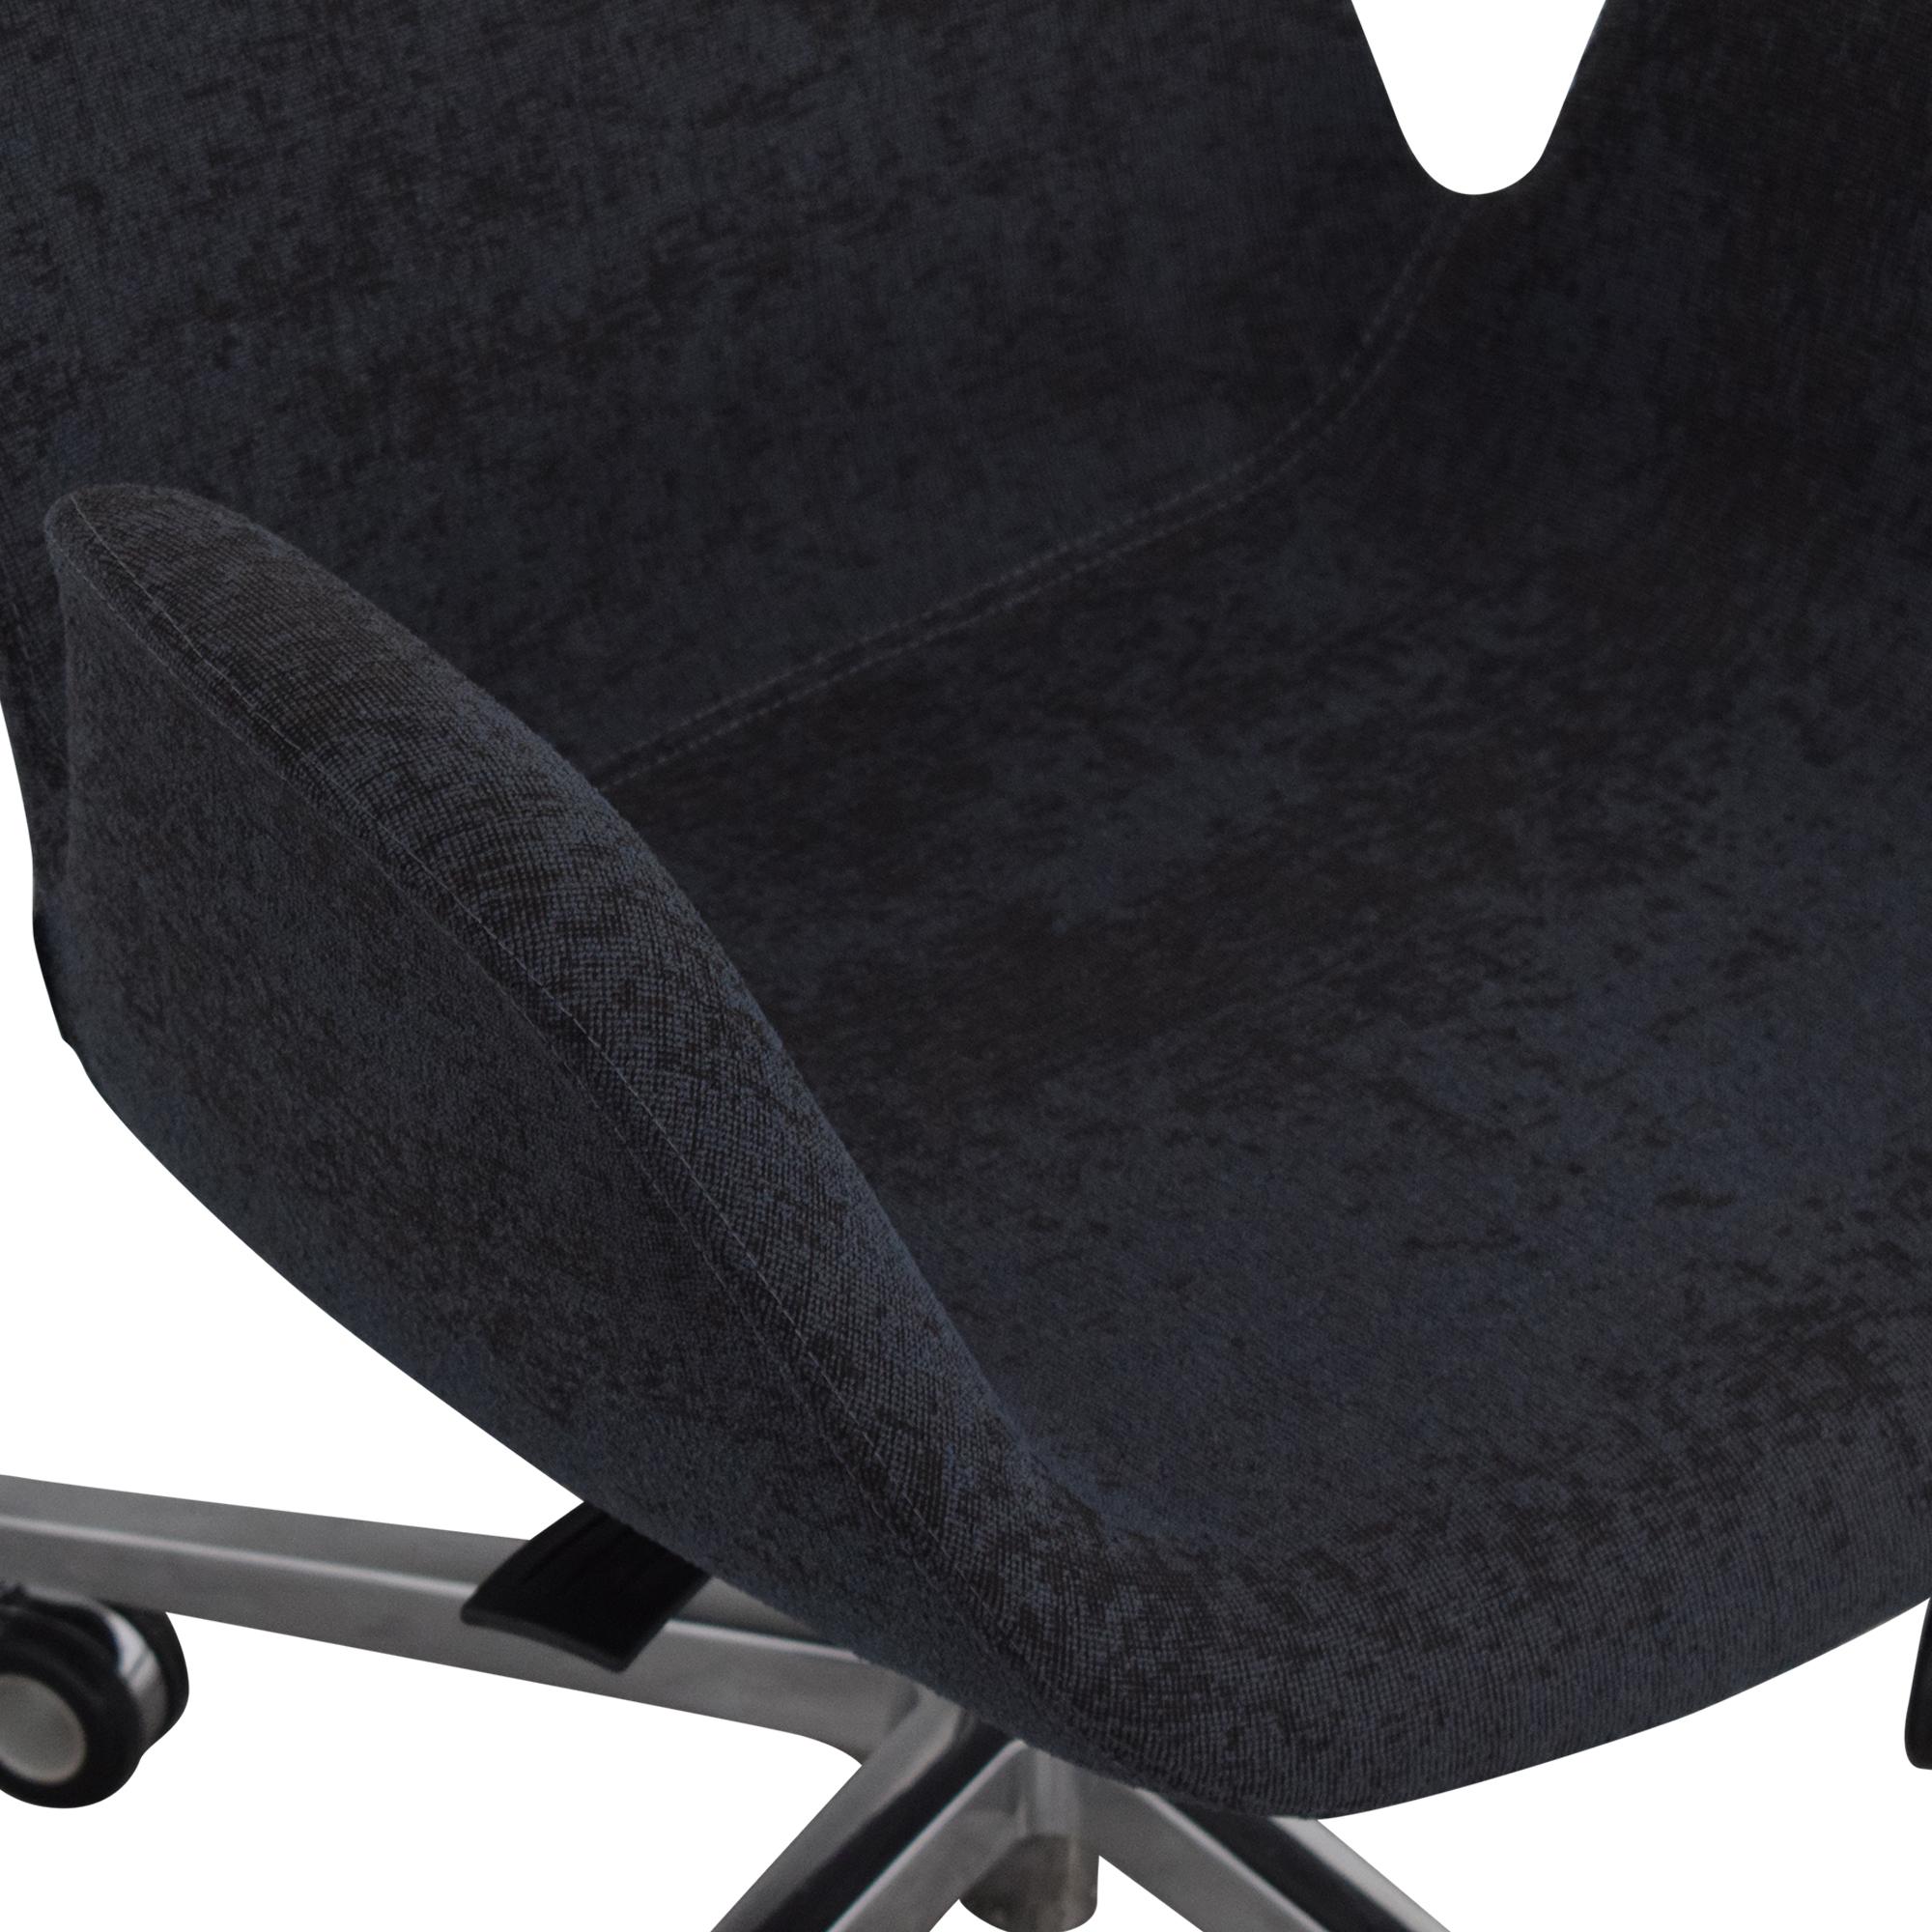 Koleksiyon Halia Operator Chair / Chairs